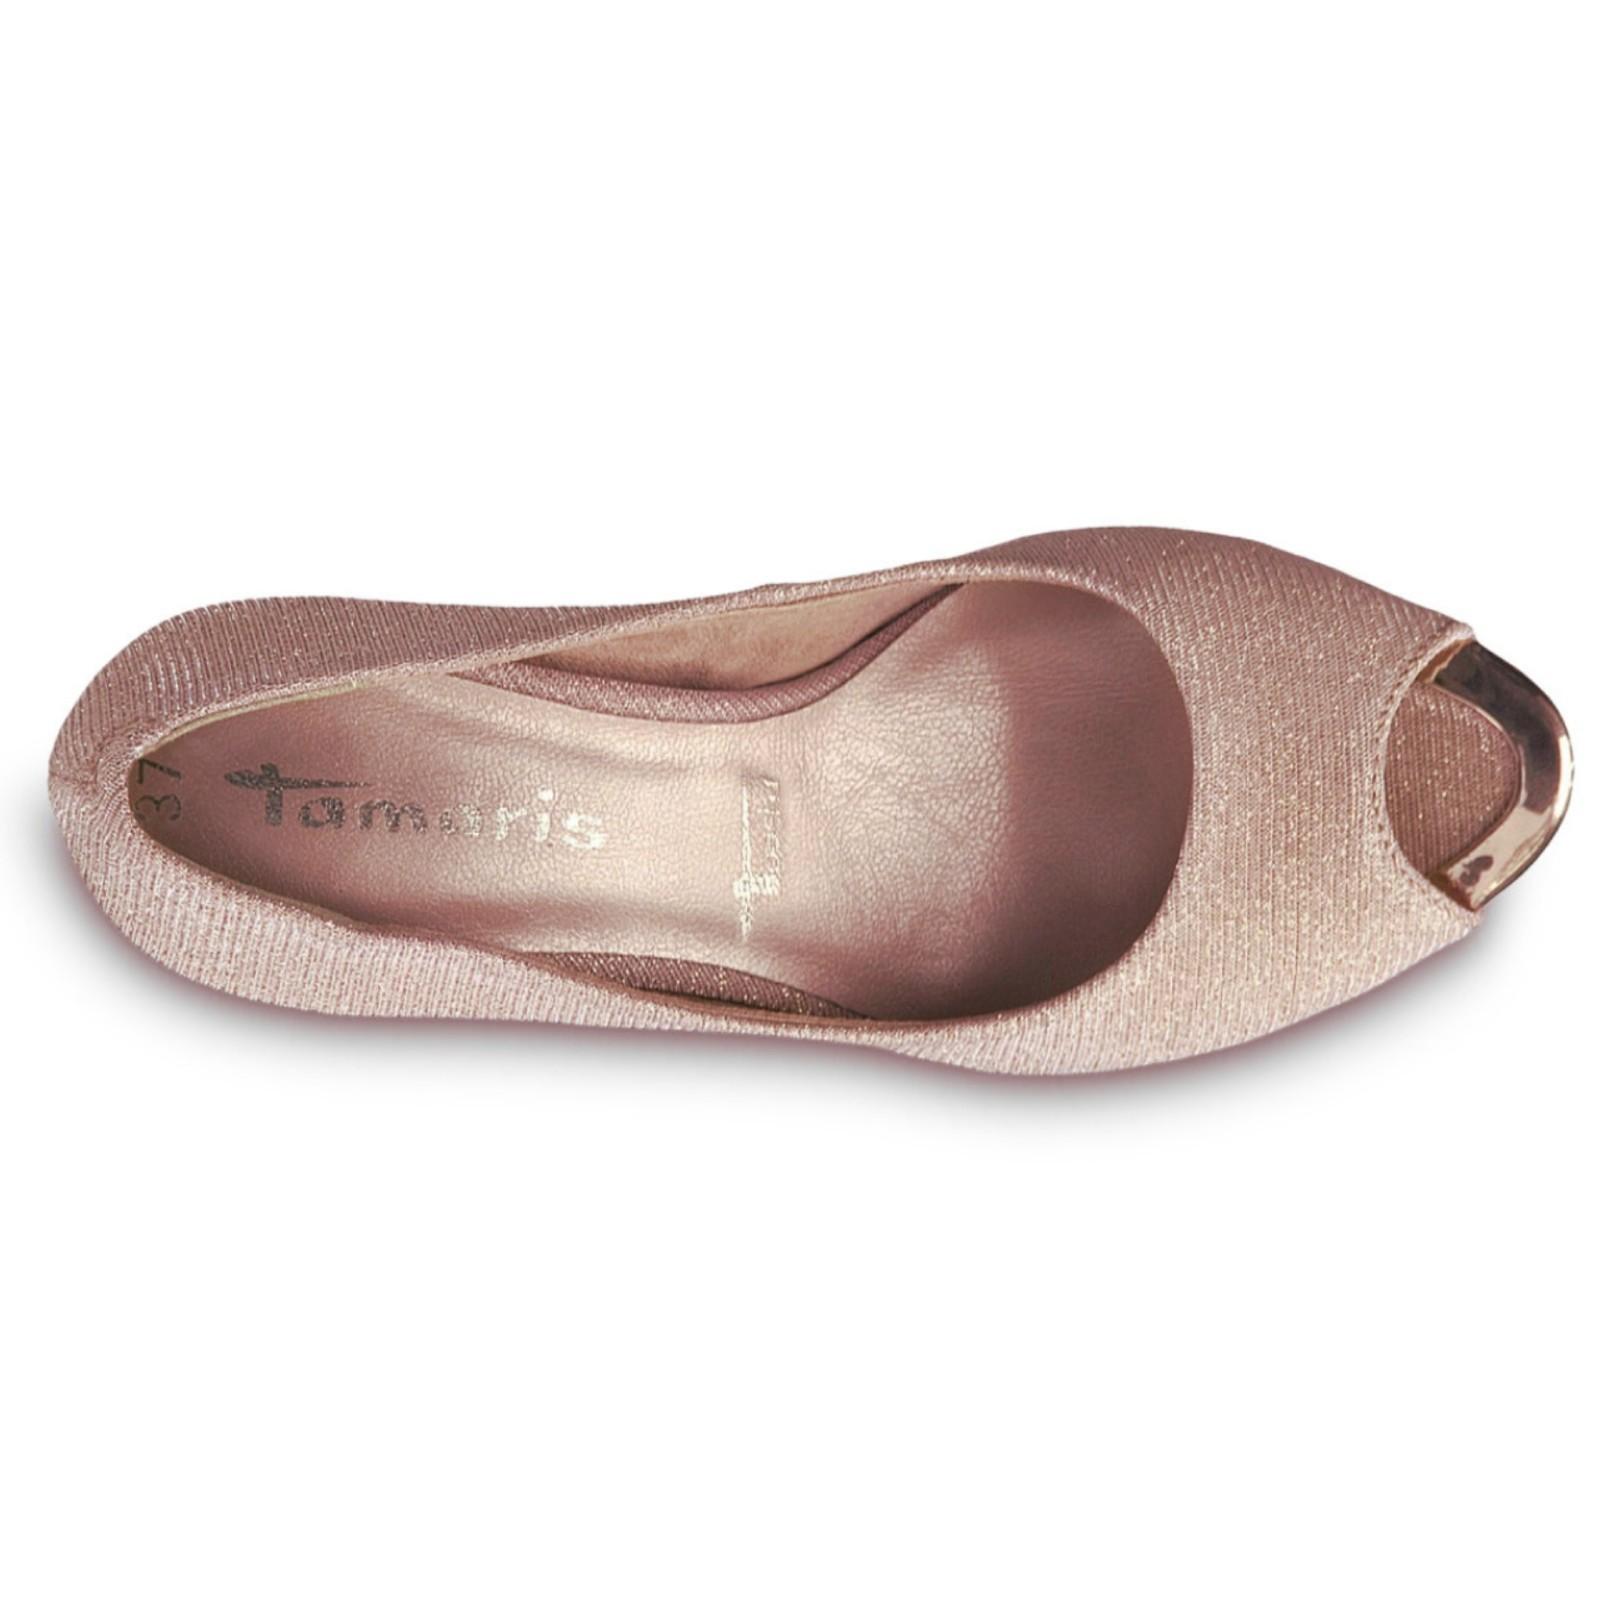 ... 04356 Tamaris női peep toe (nyitott orrú) szandálcipő 29302-20-552 ... 83d7292d22